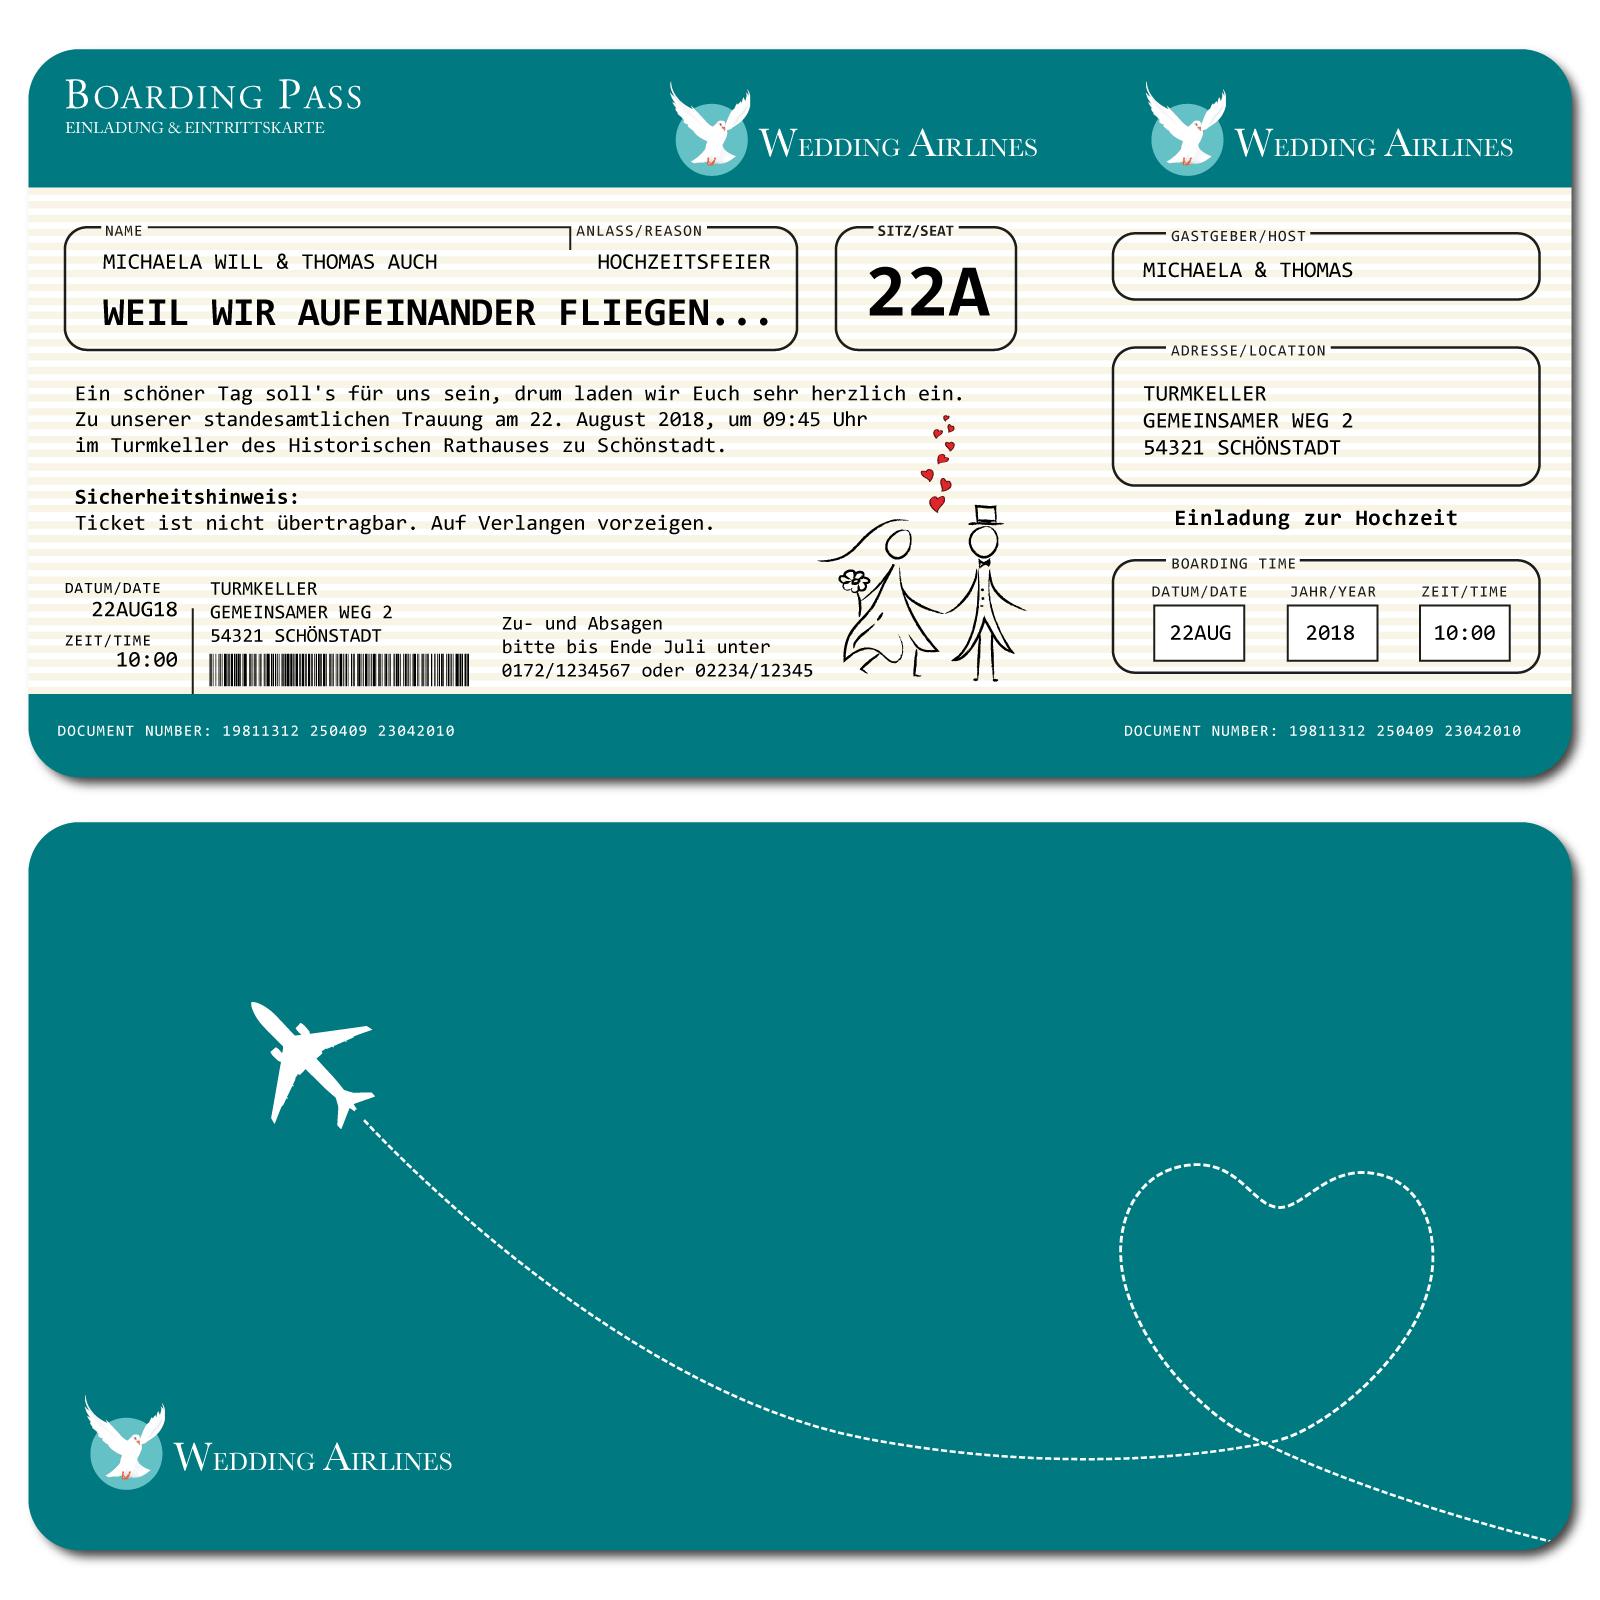 einladungskarten zur hochzeit als flugticket – türkis, Einladung